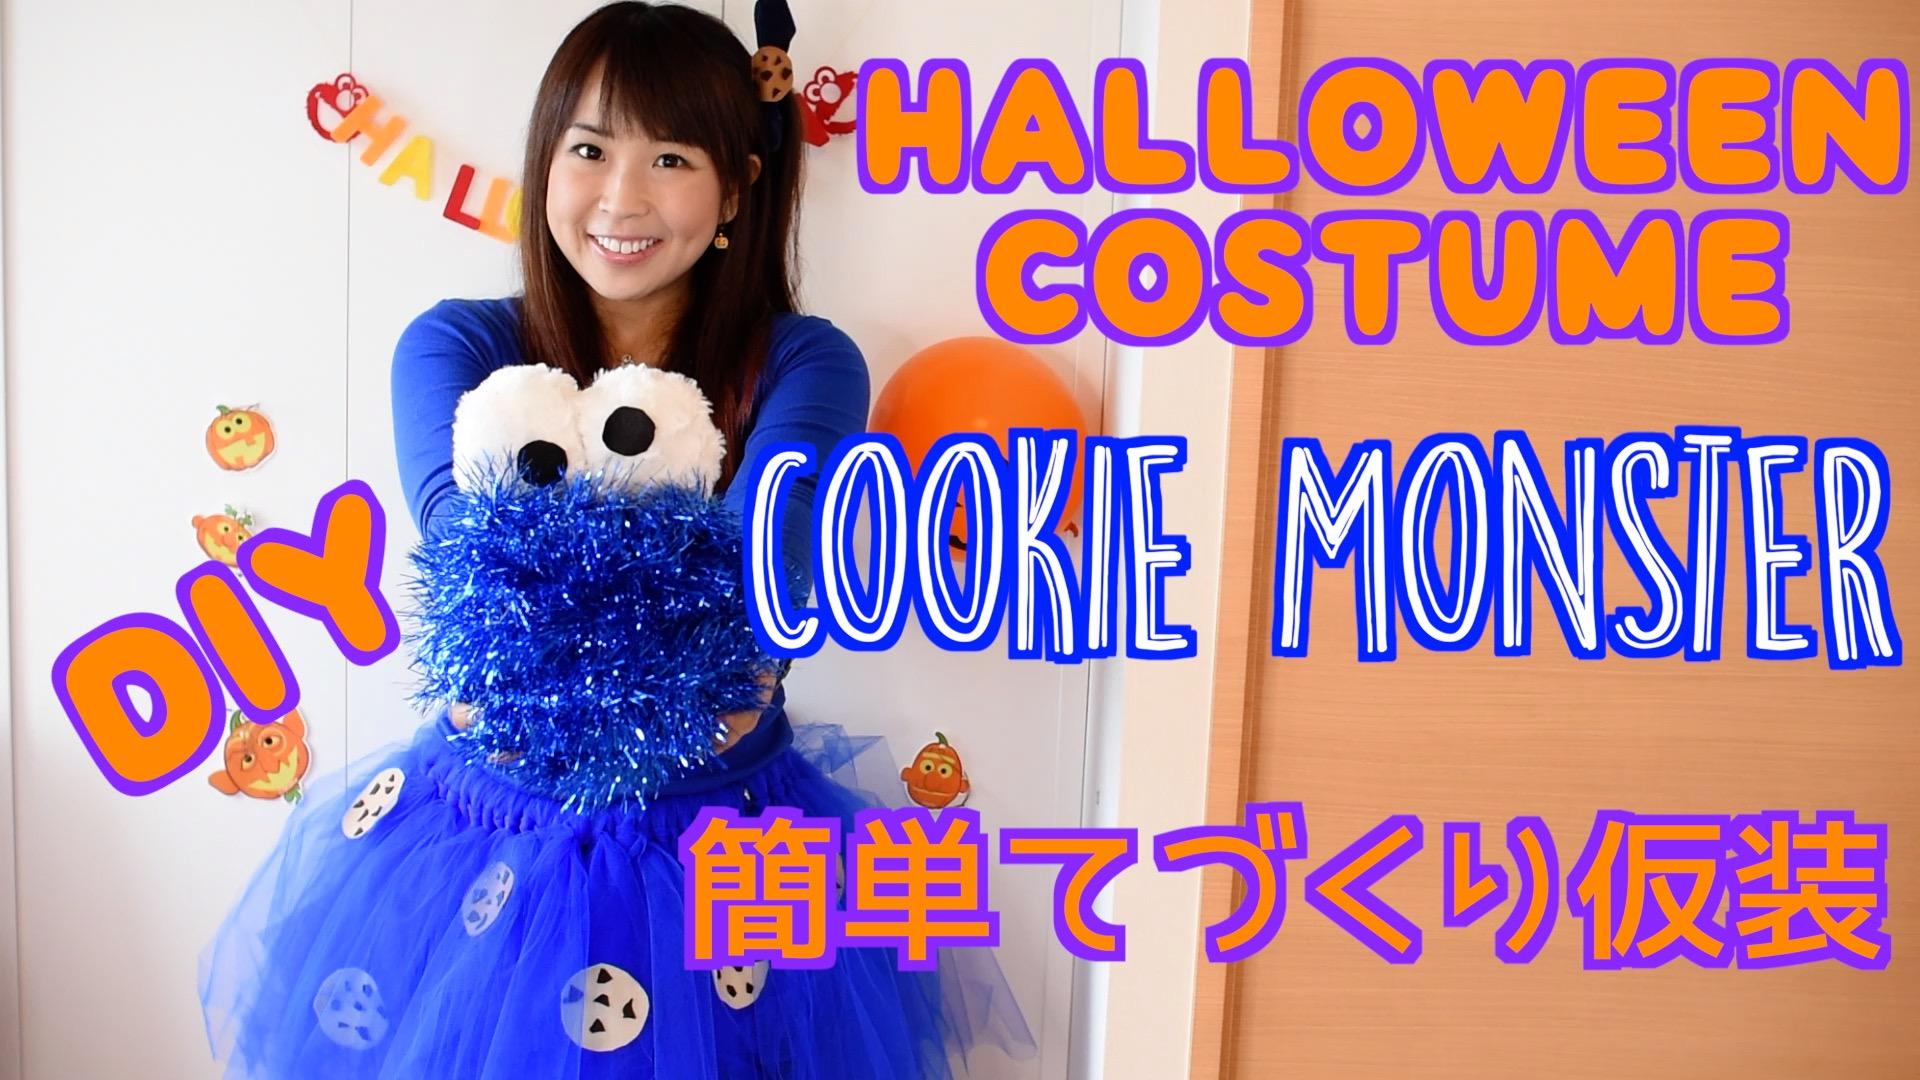 お金をかけず簡単に【ハロウィン】衣装をDIY!クッキーモンスター編